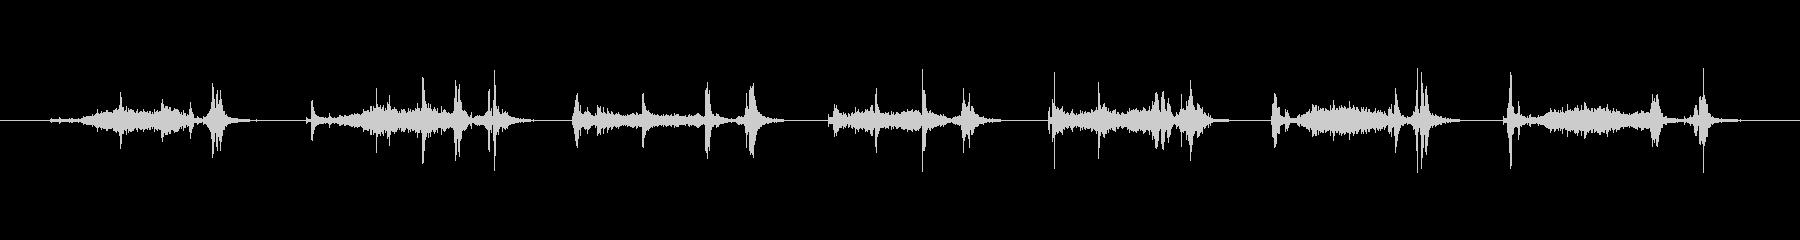 【本03-3(めくる)】の未再生の波形